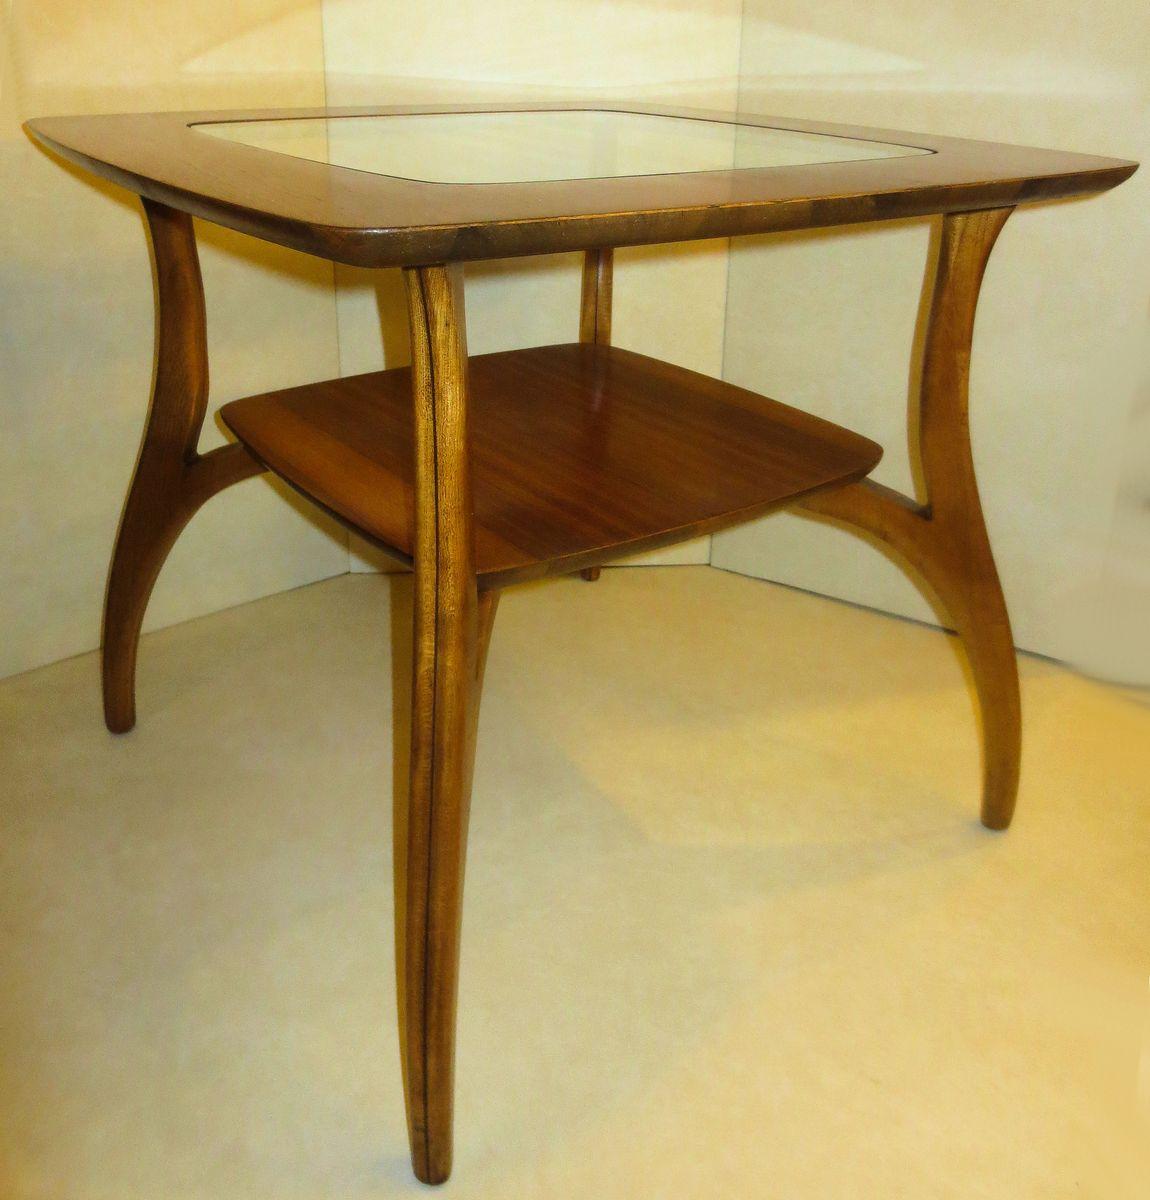 atomic legged walnut end table from bassett s for sale at pamono - atomic legged walnut end table from bassett s